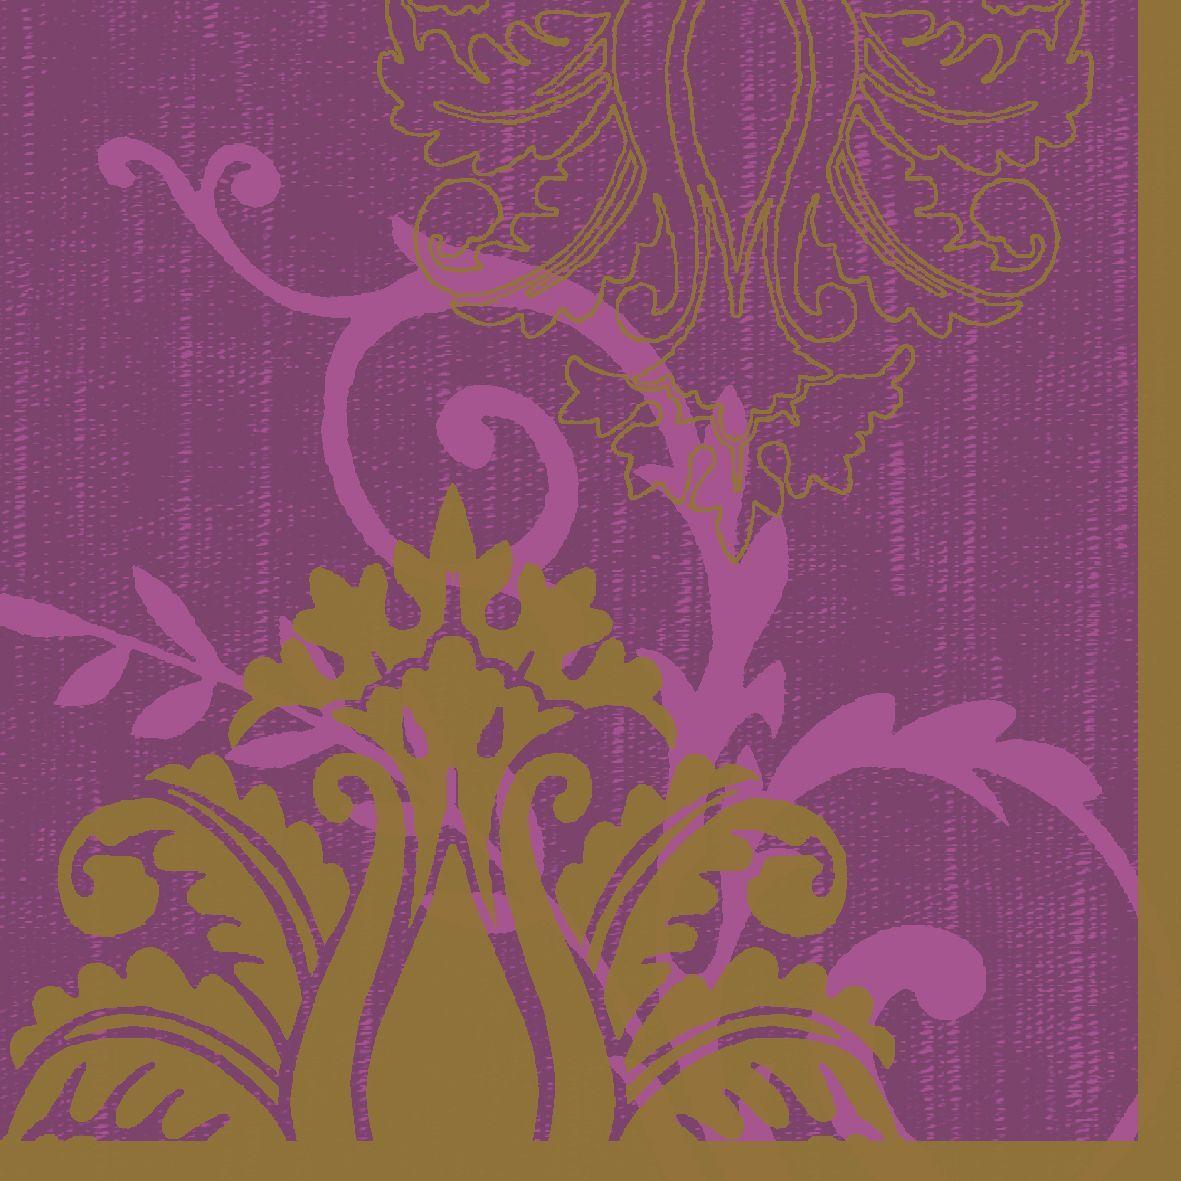 Салфетки бумажные Duni, 3-слойные, цвет: фиолетовый, 33 х 33 см, 20 шт салфетки бумажные круглые 3 слойные 12 шт ассорти